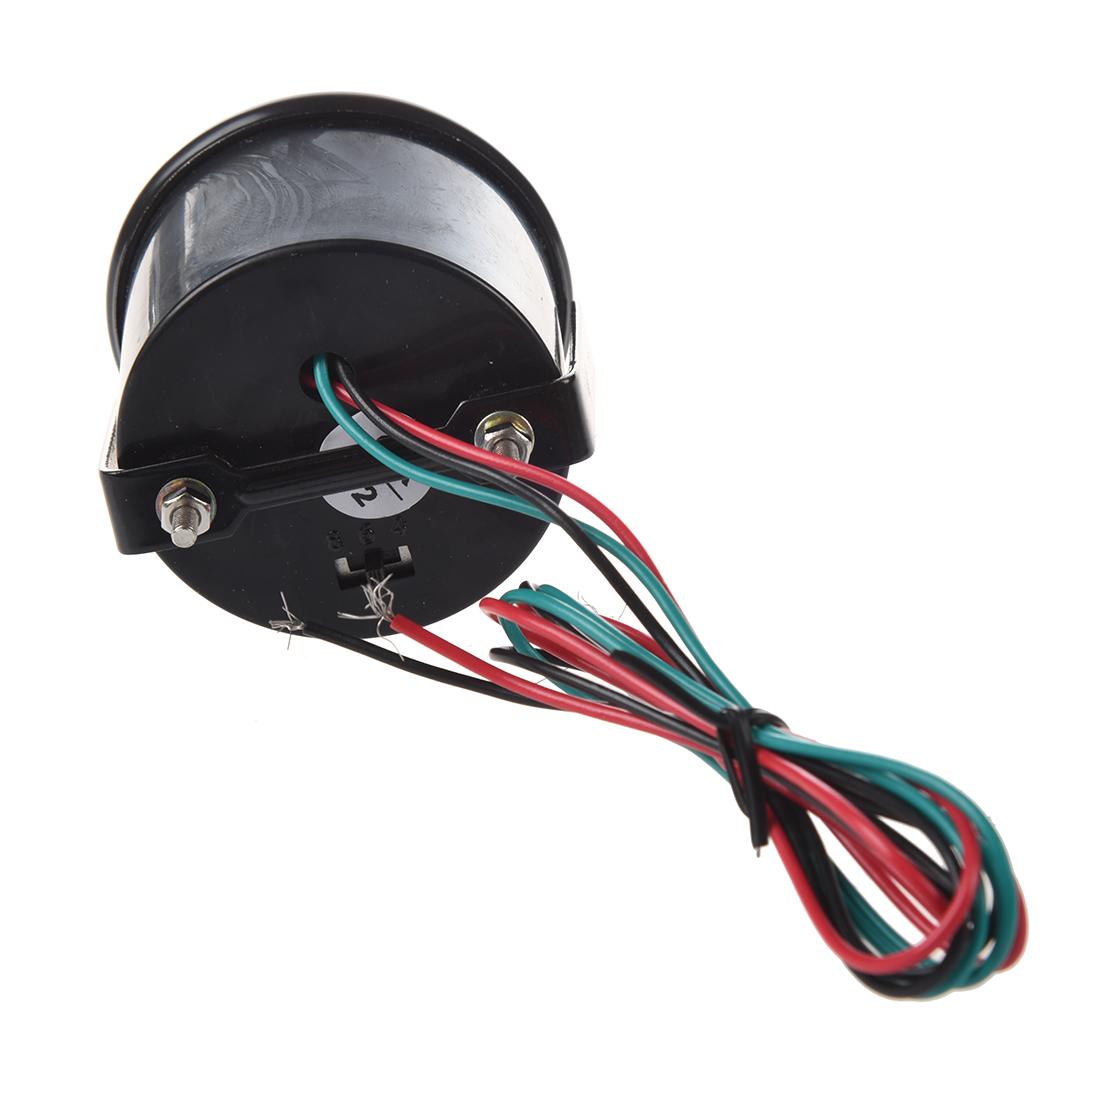 dragongauge numerique tachymetre tach jauge pour auto voiture 52mm lcd noir wt ebay. Black Bedroom Furniture Sets. Home Design Ideas